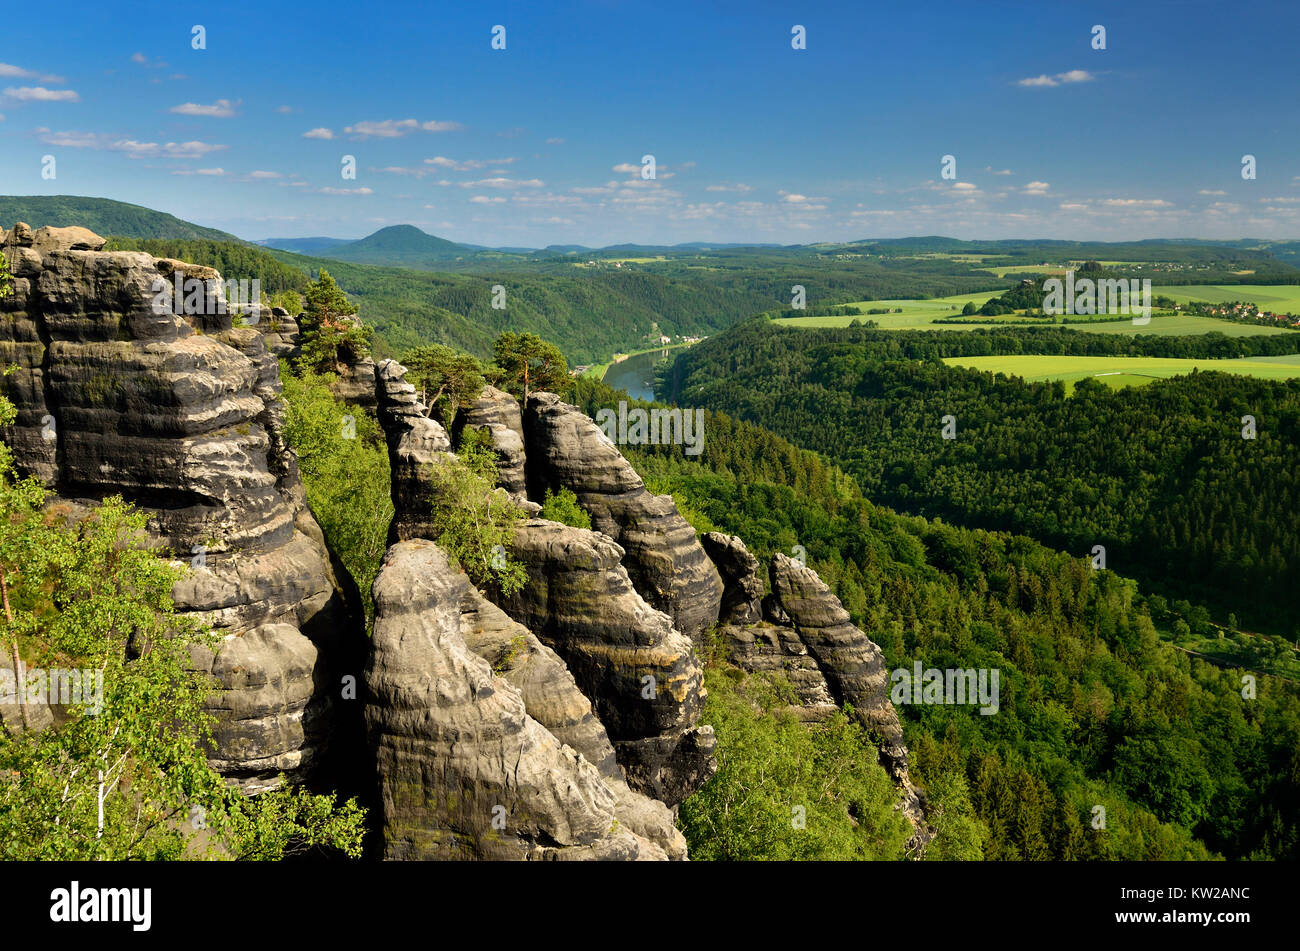 Elbsandsteingebirge, rock formations in the Schrammsteinen about the Elbtal, Felsformationen in den Schrammsteinen Stock Photo